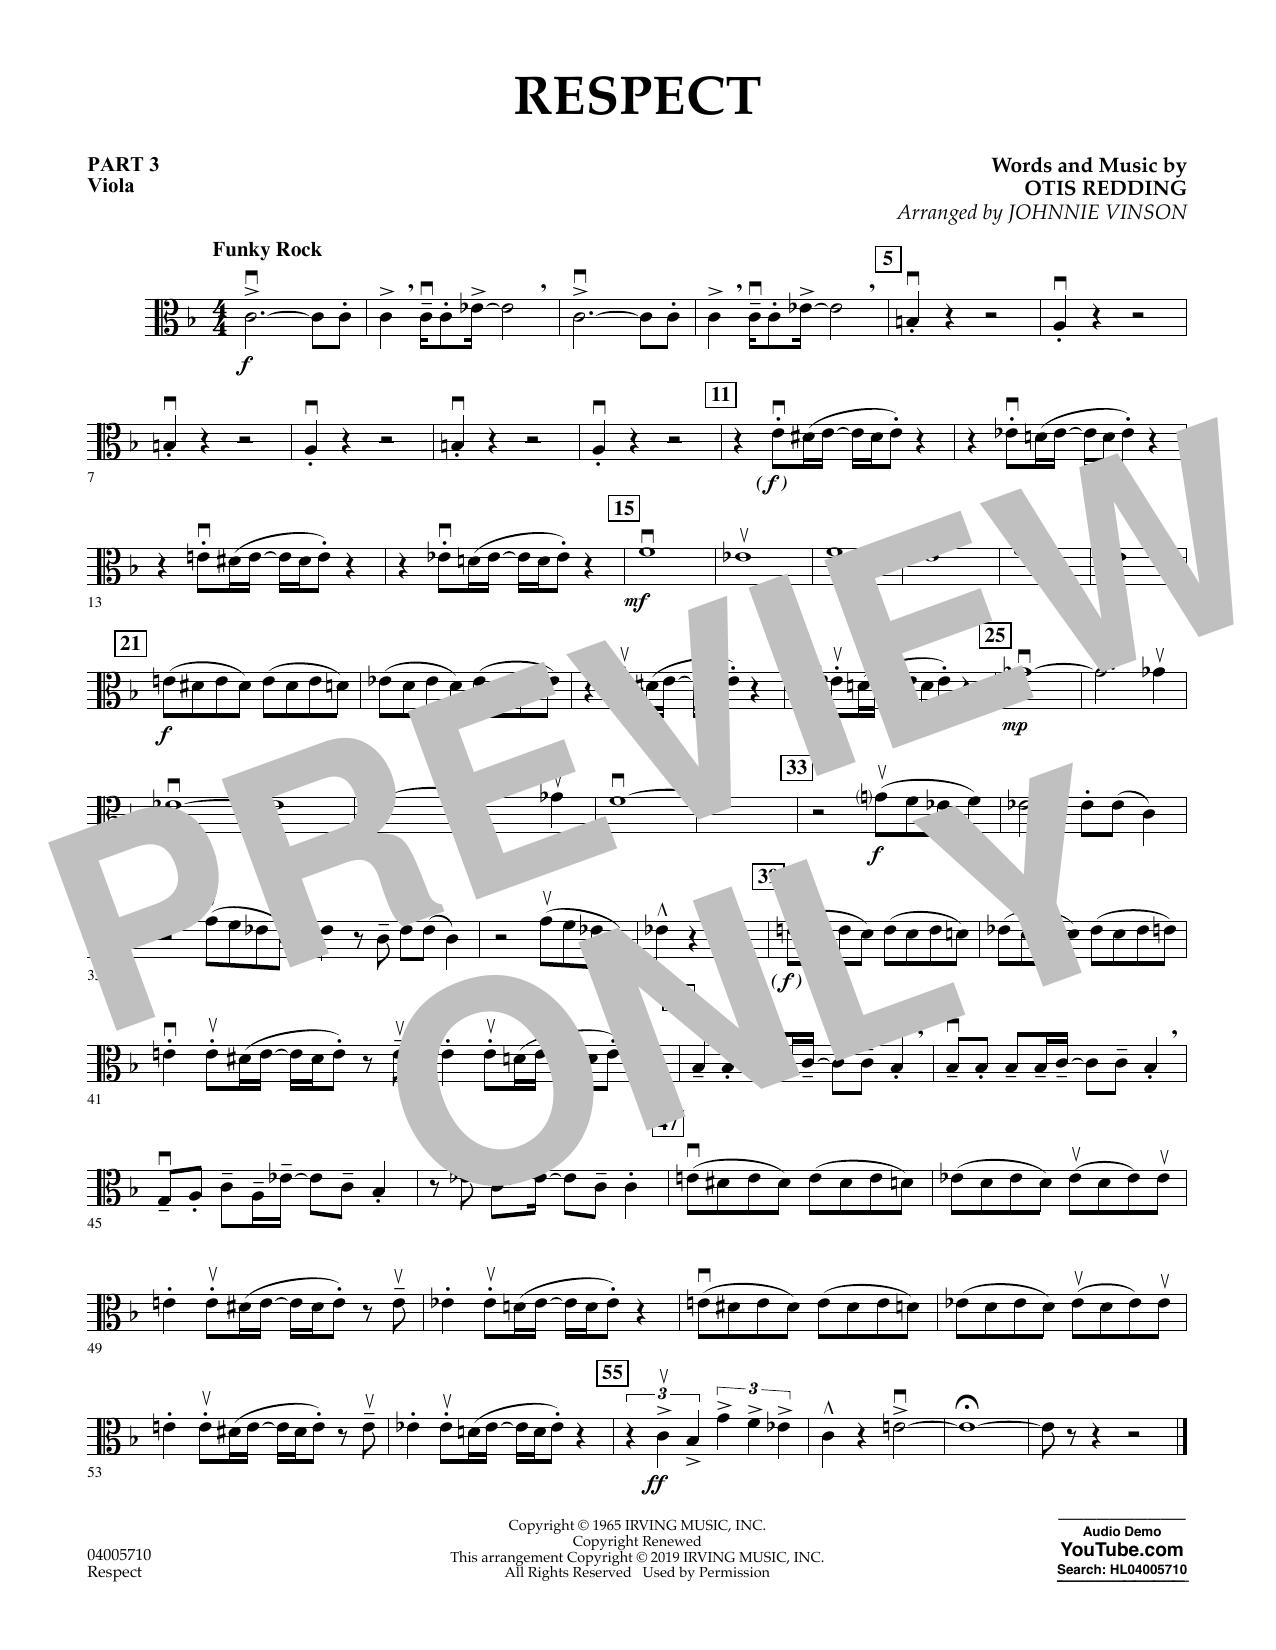 Respect (arr. Johnnie Vinson) - Pt.3 - Viola (Flex-Band)